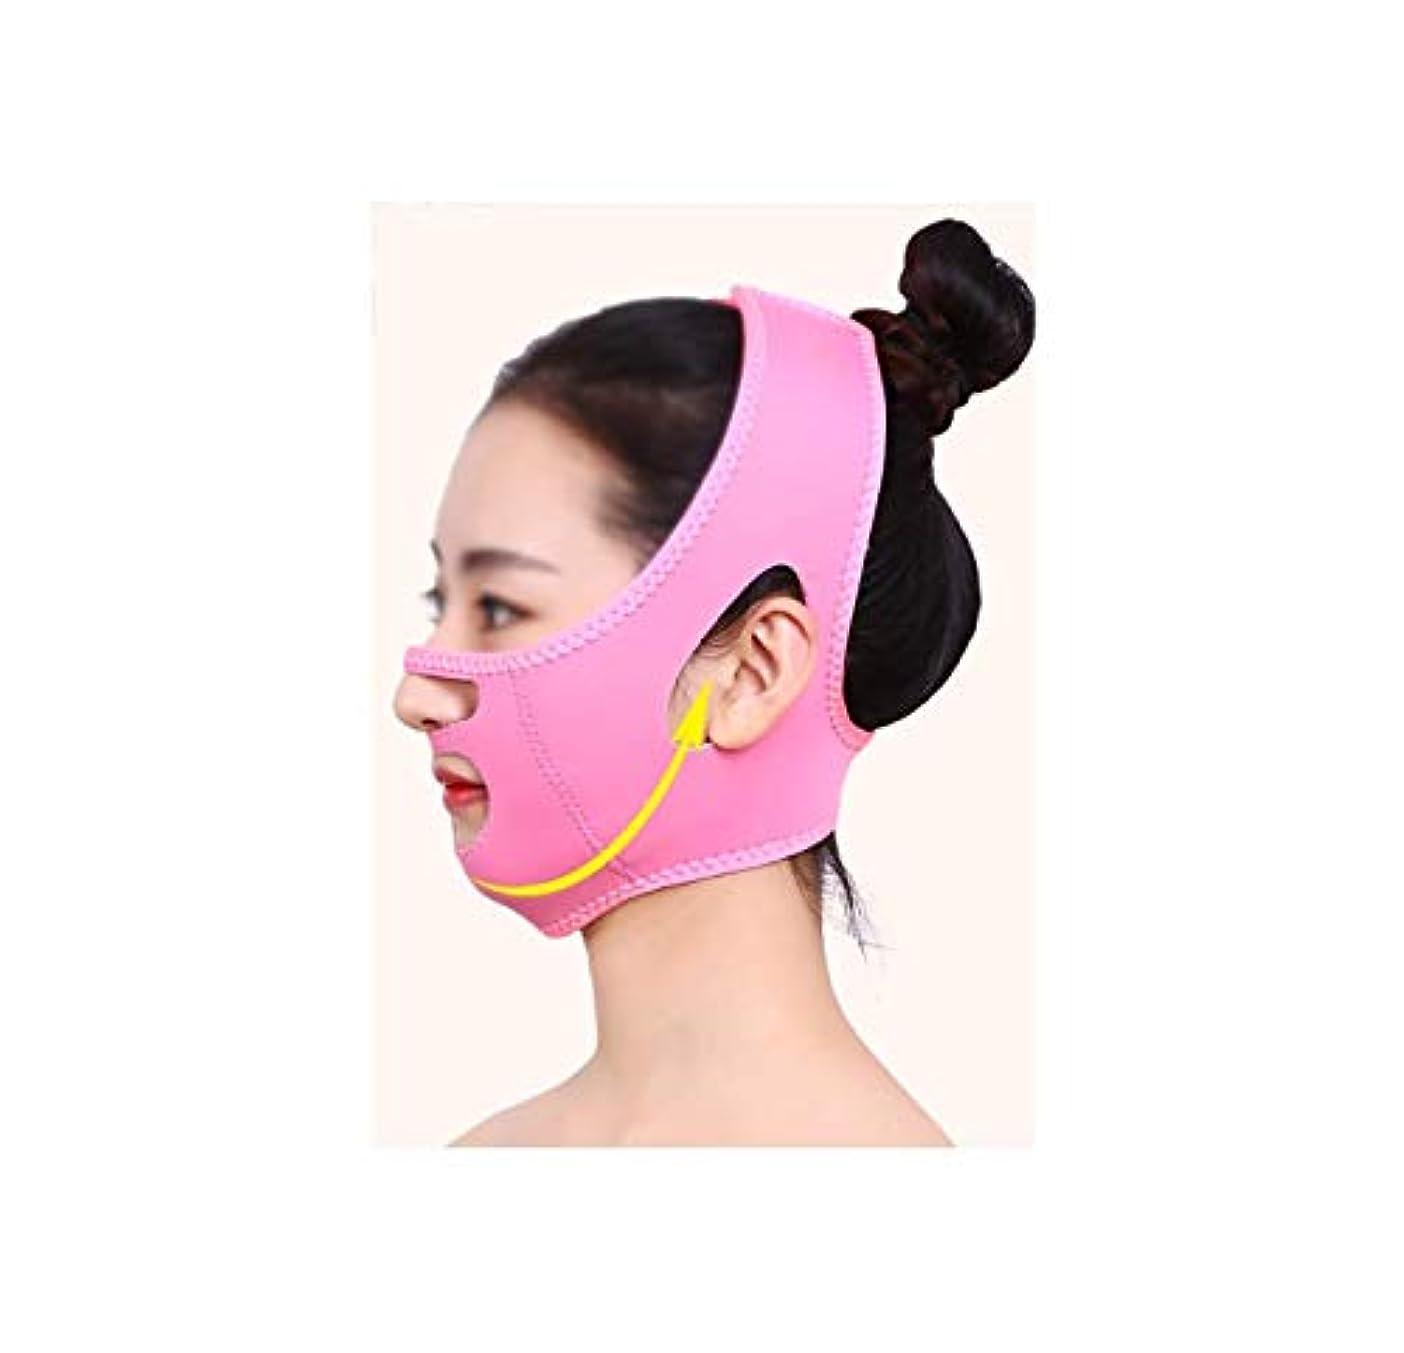 震え変成器補正フェイスリフトマスク、フェイシャルマスク薄い顔マシン美容器具ローラー顔面薄い顔Vフェイスマスクダブルあご包帯アーティファクト